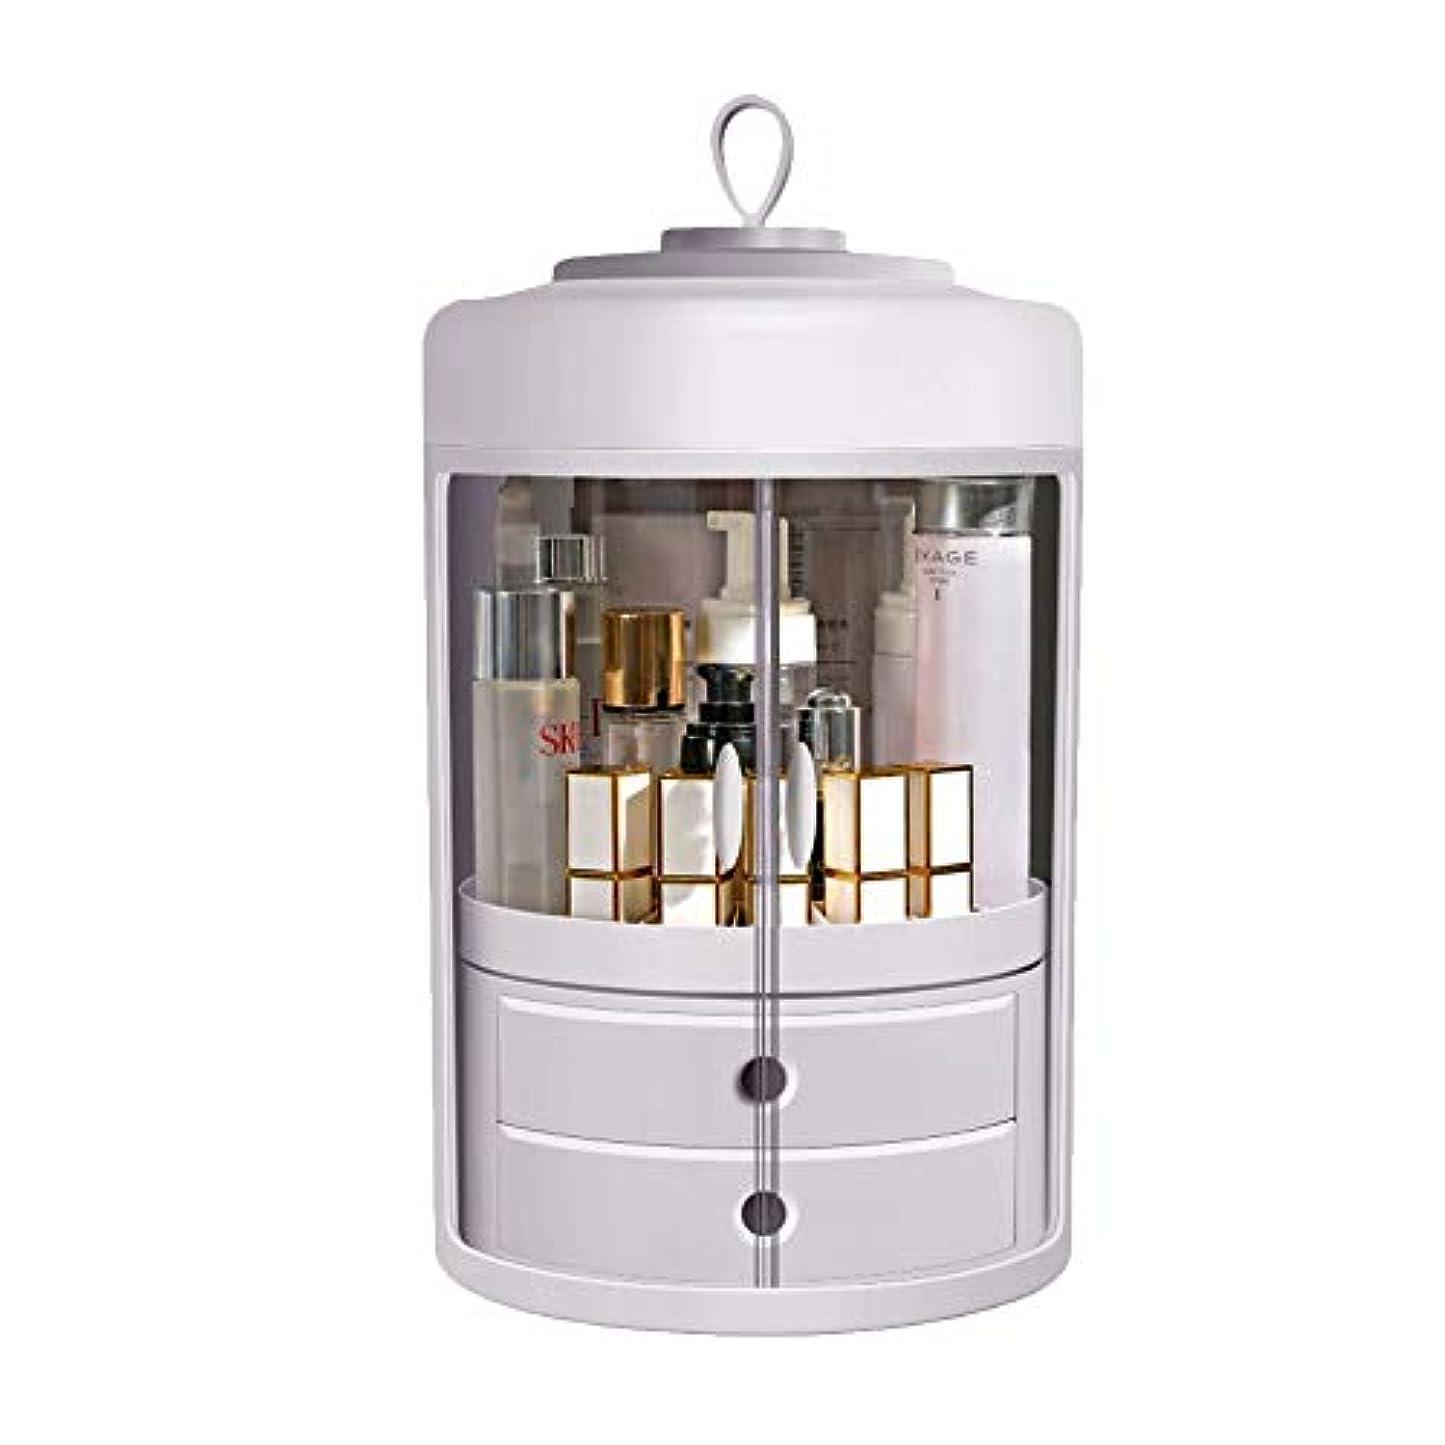 戦い晴れリッチ化粧品収納 コスメ収納ボックス メイクケース 360度回転 防塵 防水 取っ手付き 旅行用 化粧ケース付き 二つ引き出し 透明